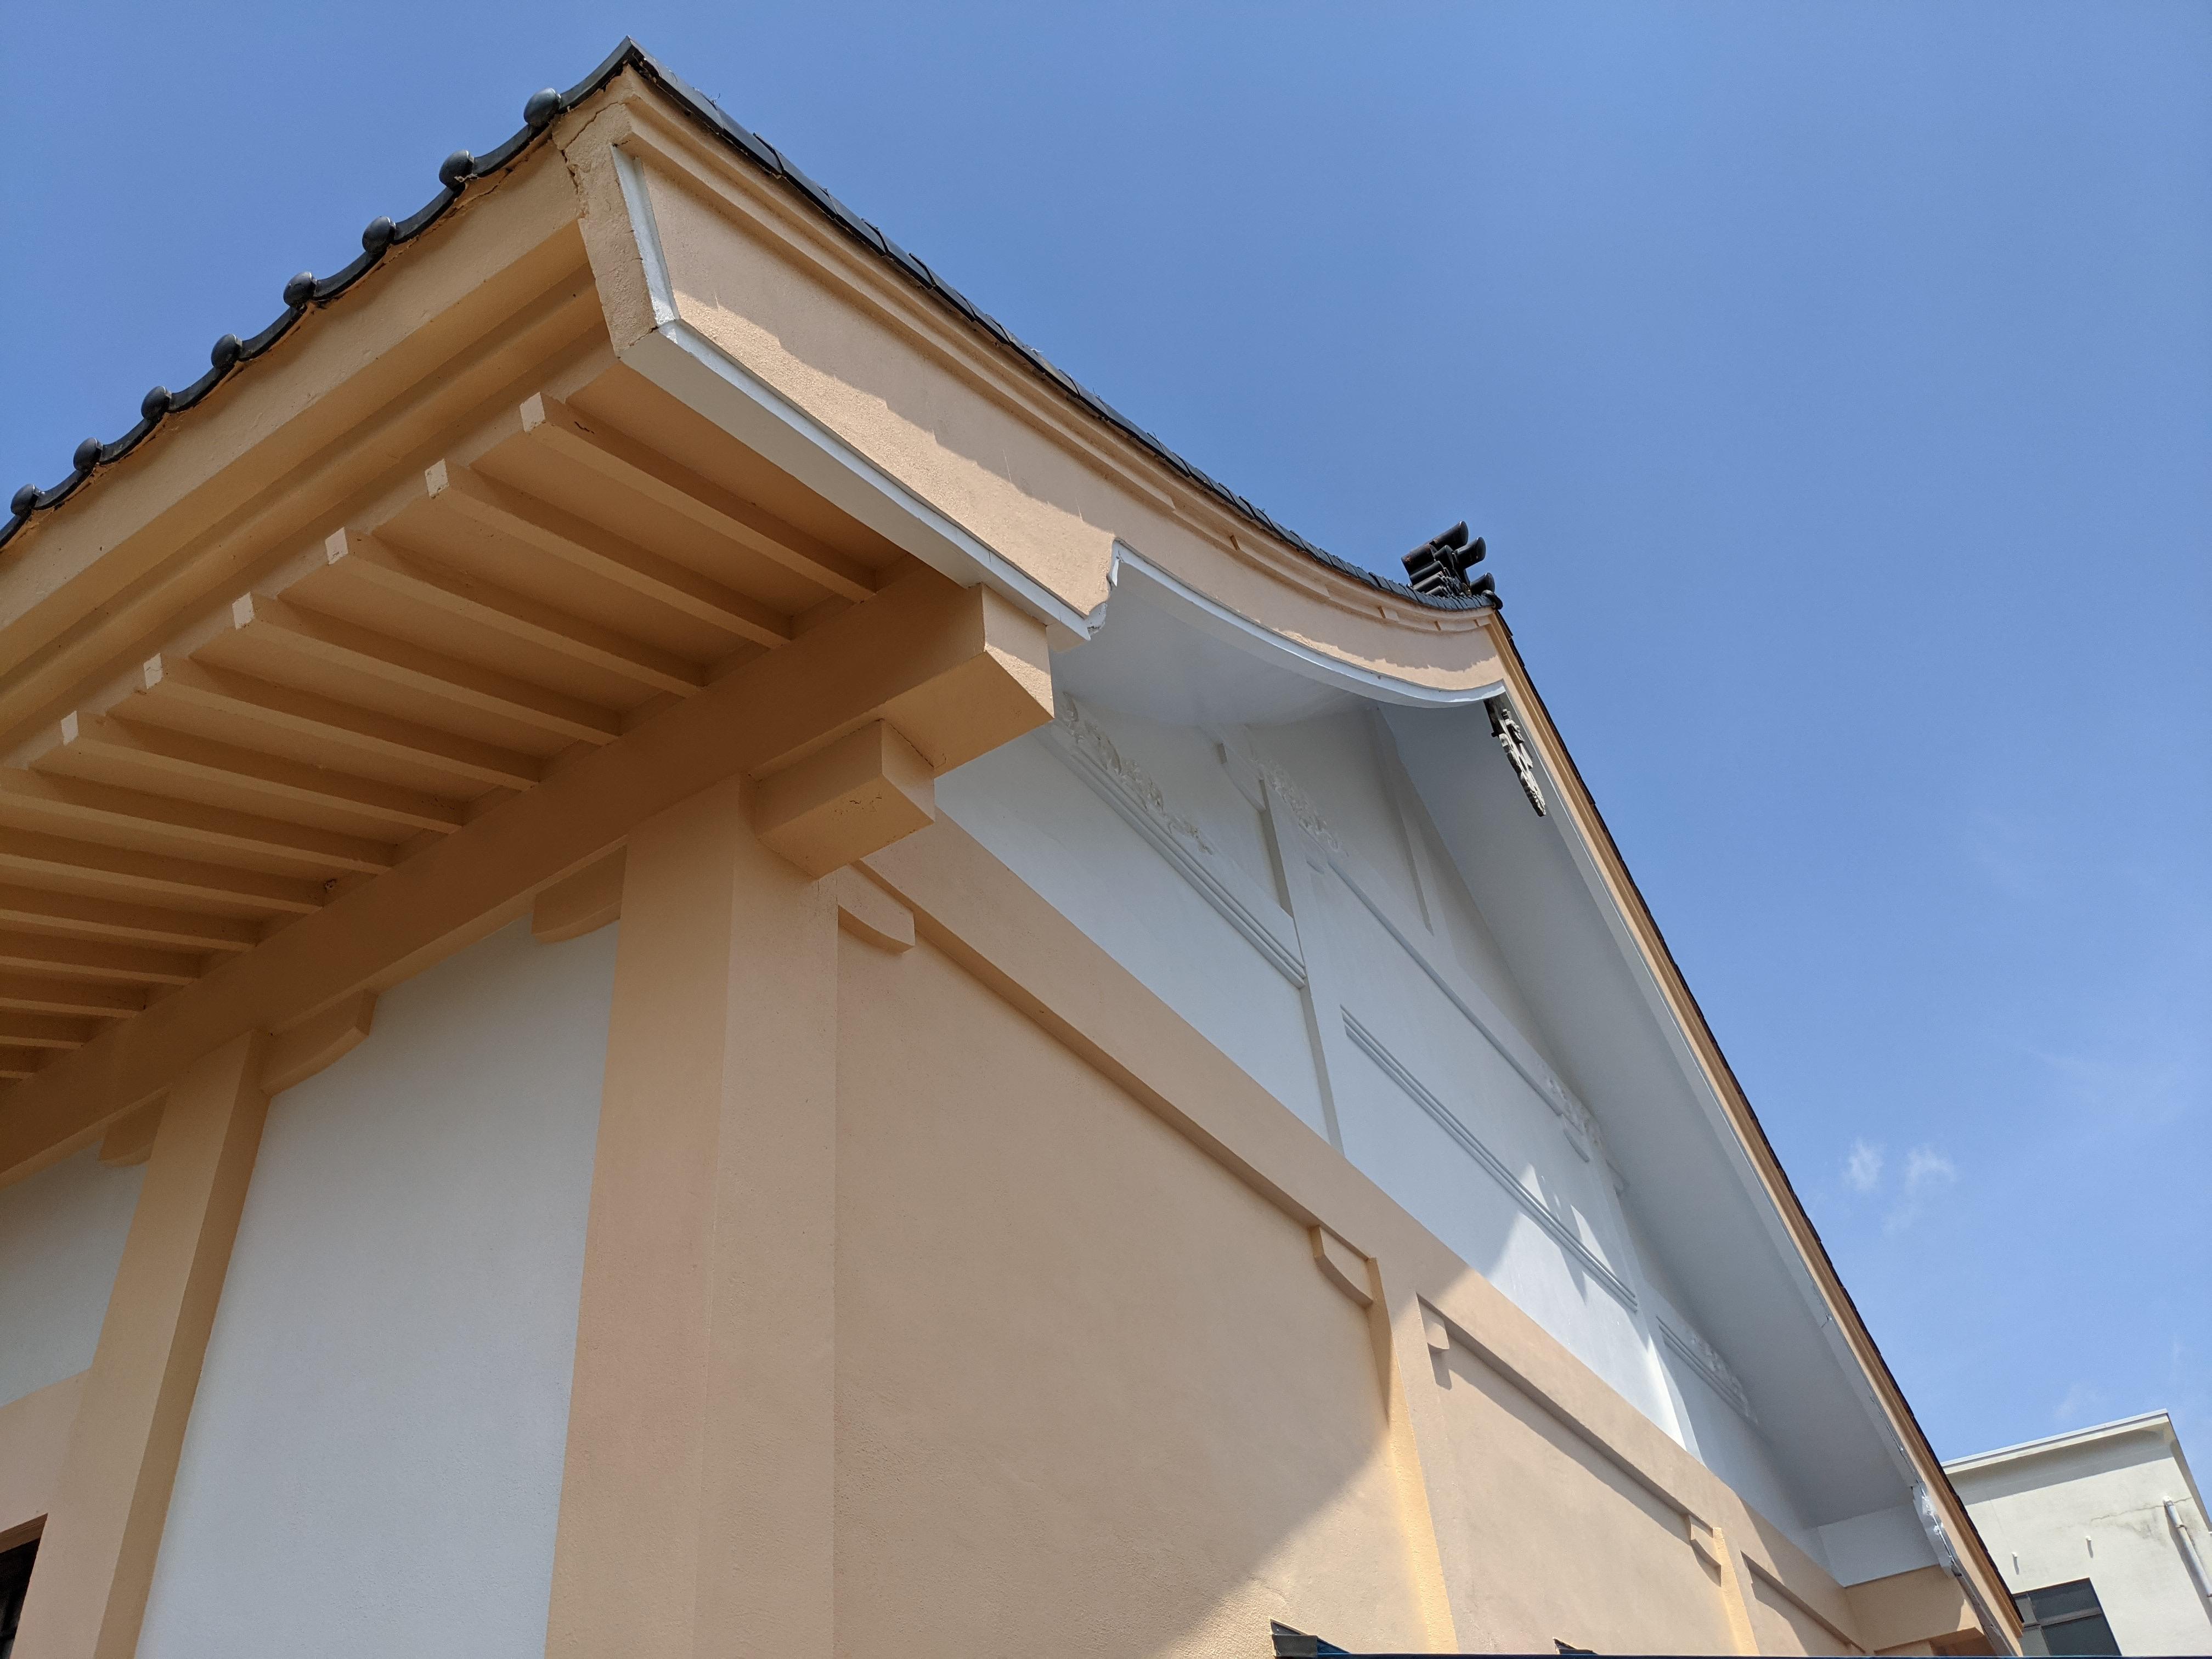 仕上げ塗:中塗りの塗膜に厚みをかけ、外壁の耐久性と美観を高めます